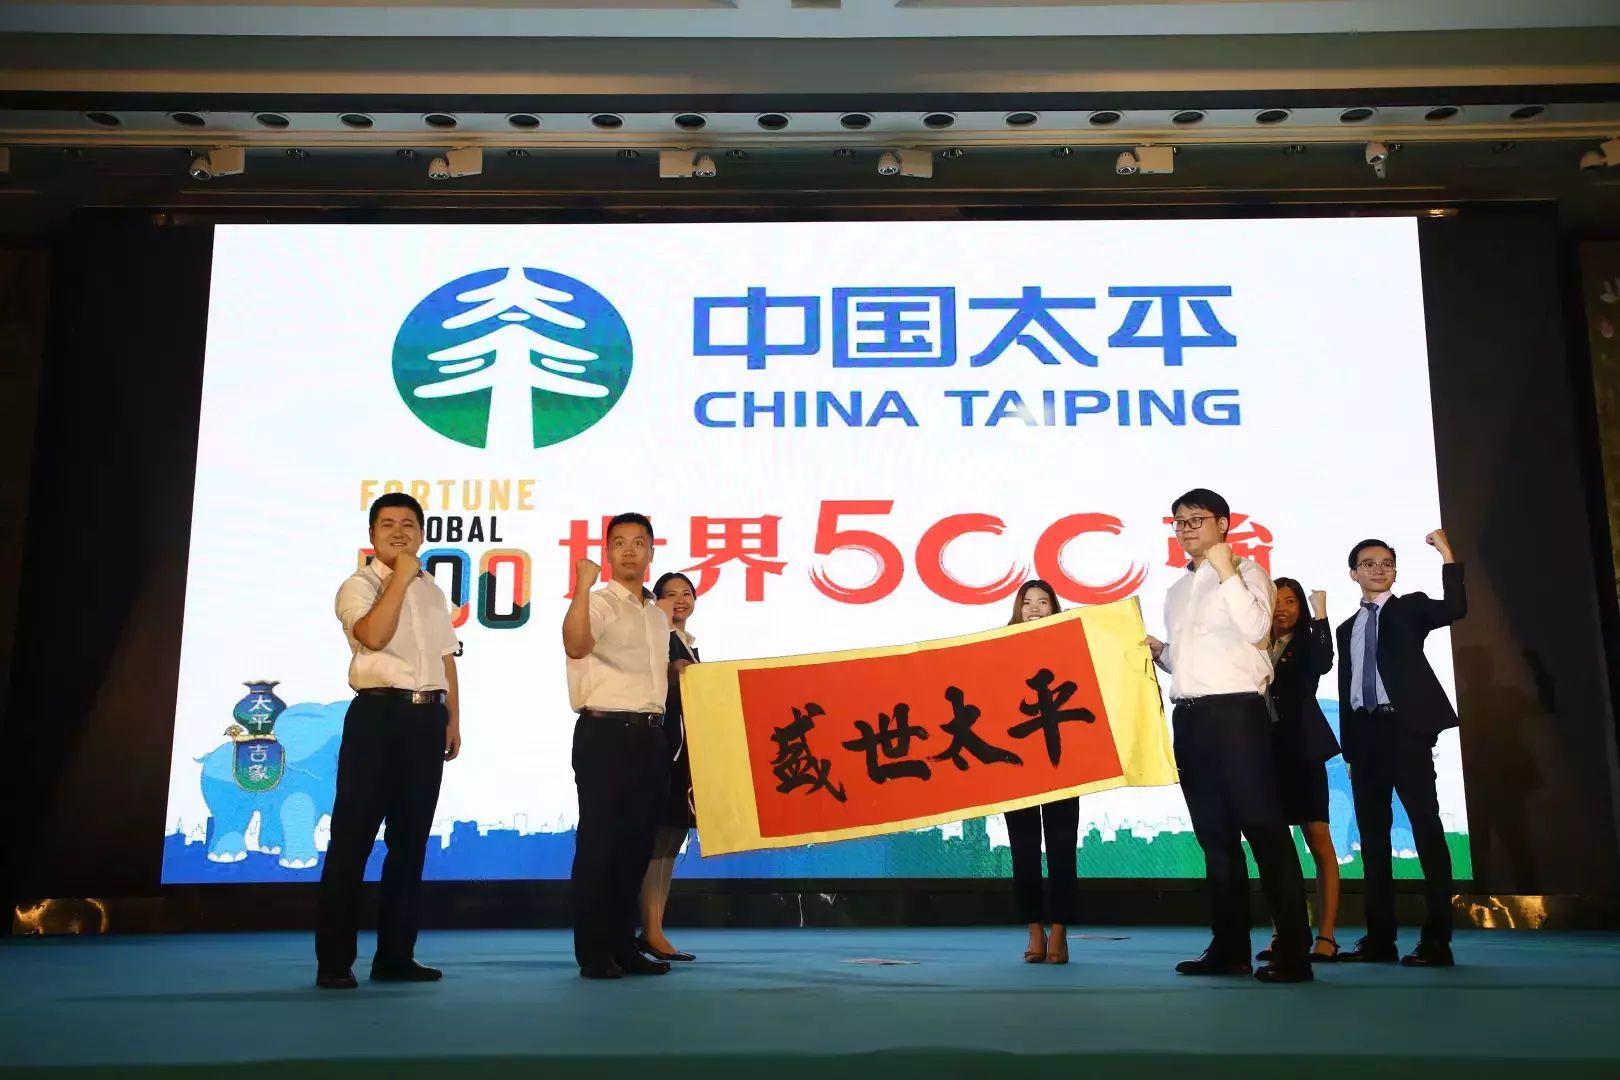 太平人寿佛山分公司召开半年度表彰暨全年业务冲刺启动